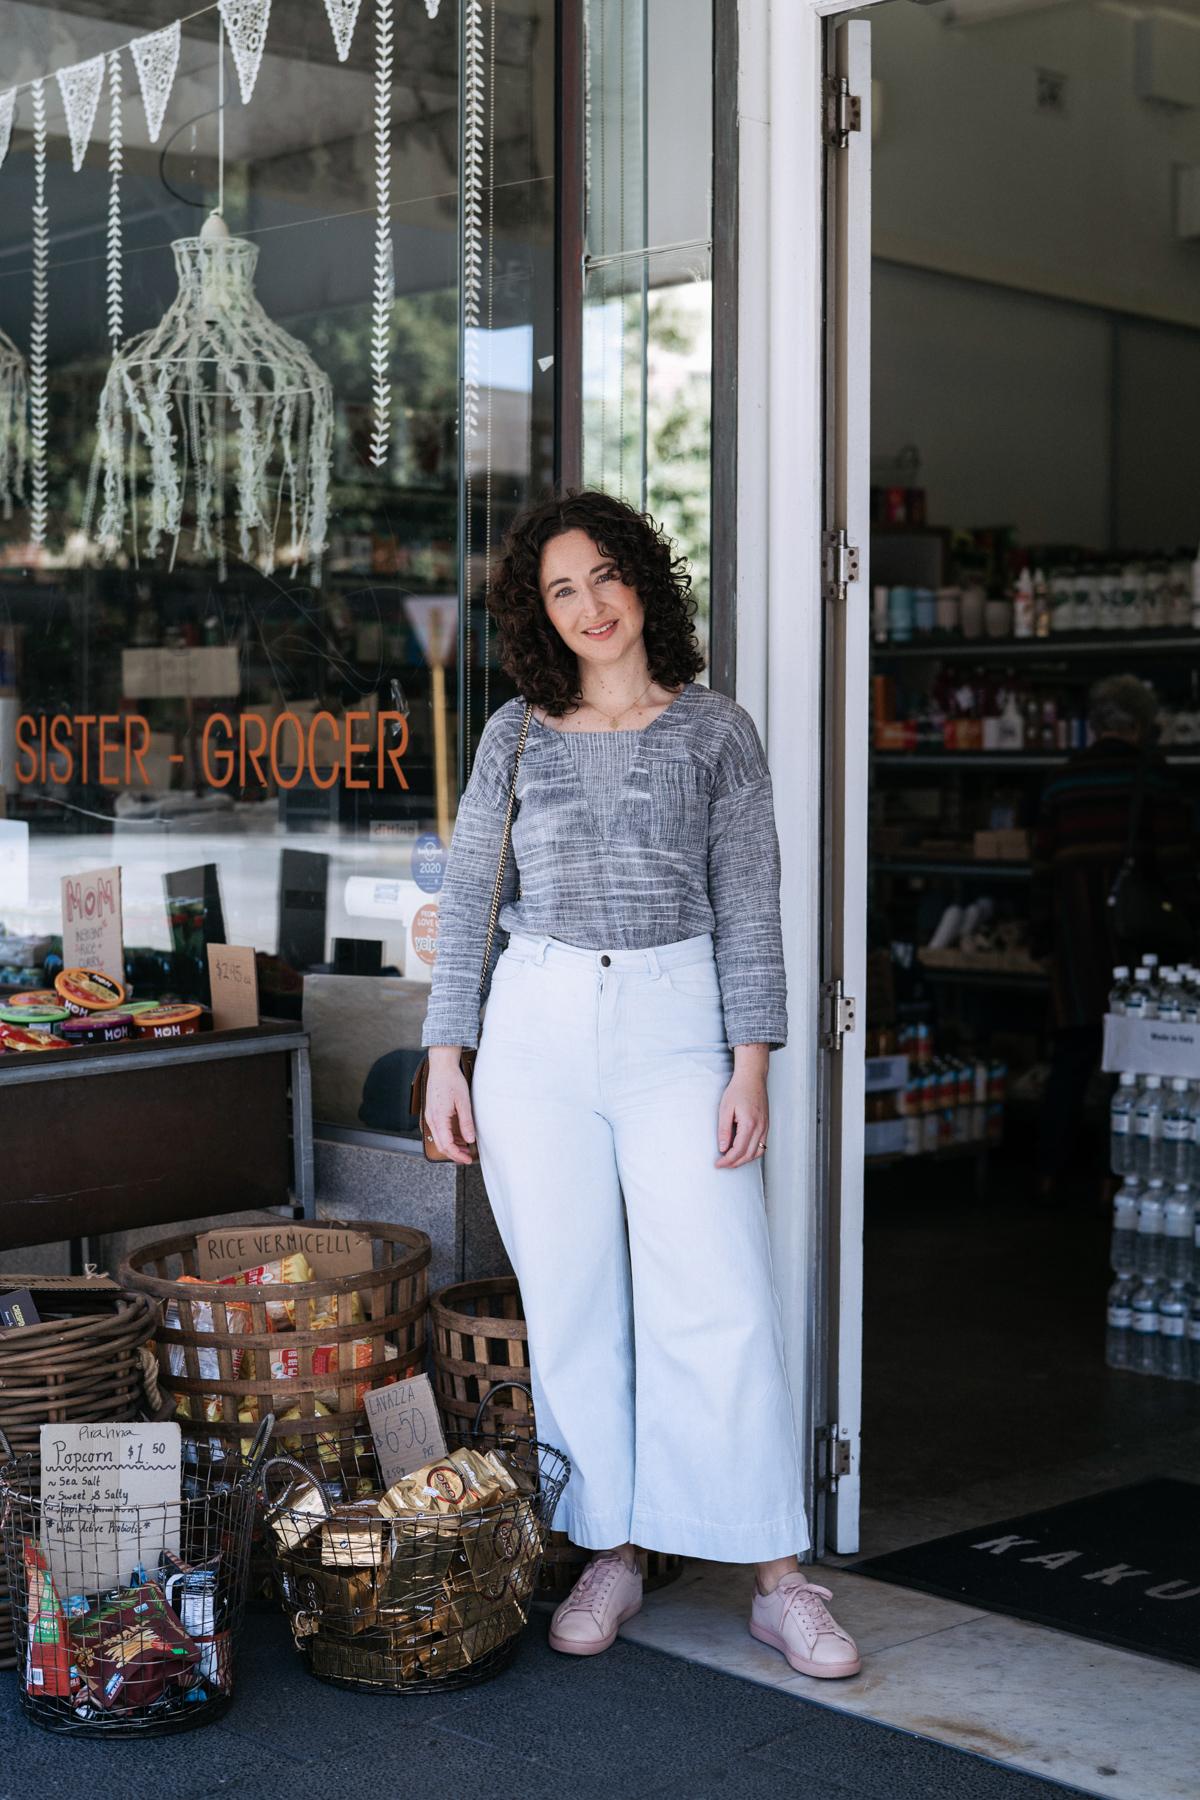 Megan Nielsen Olive top made from gauzy linen // Megan Nielsen Patterns Blog